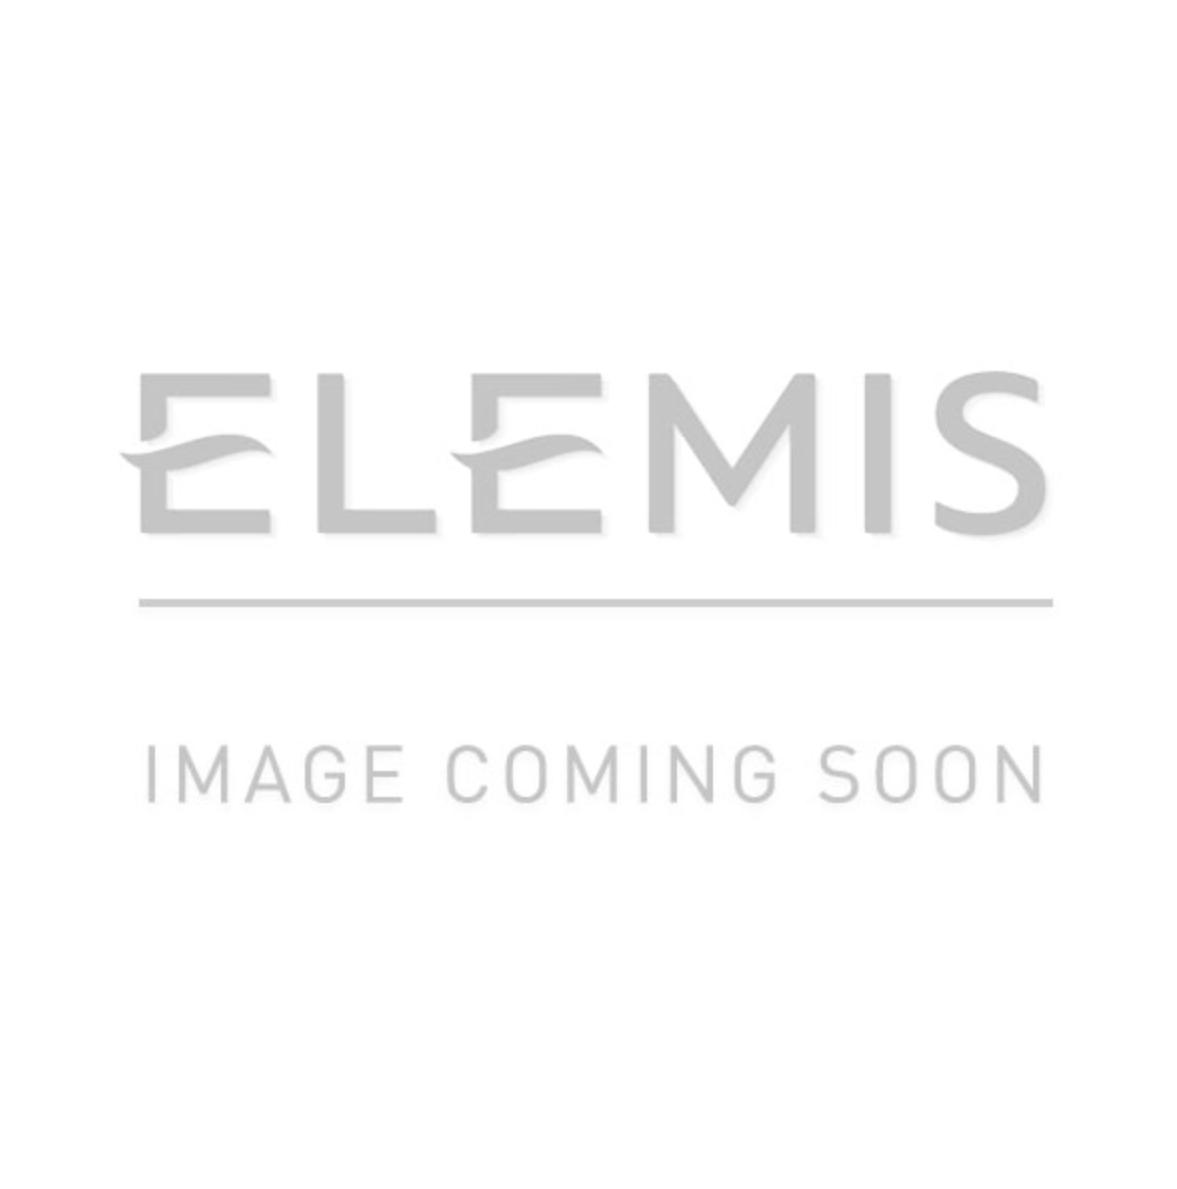 elemis cleanser and toner duo